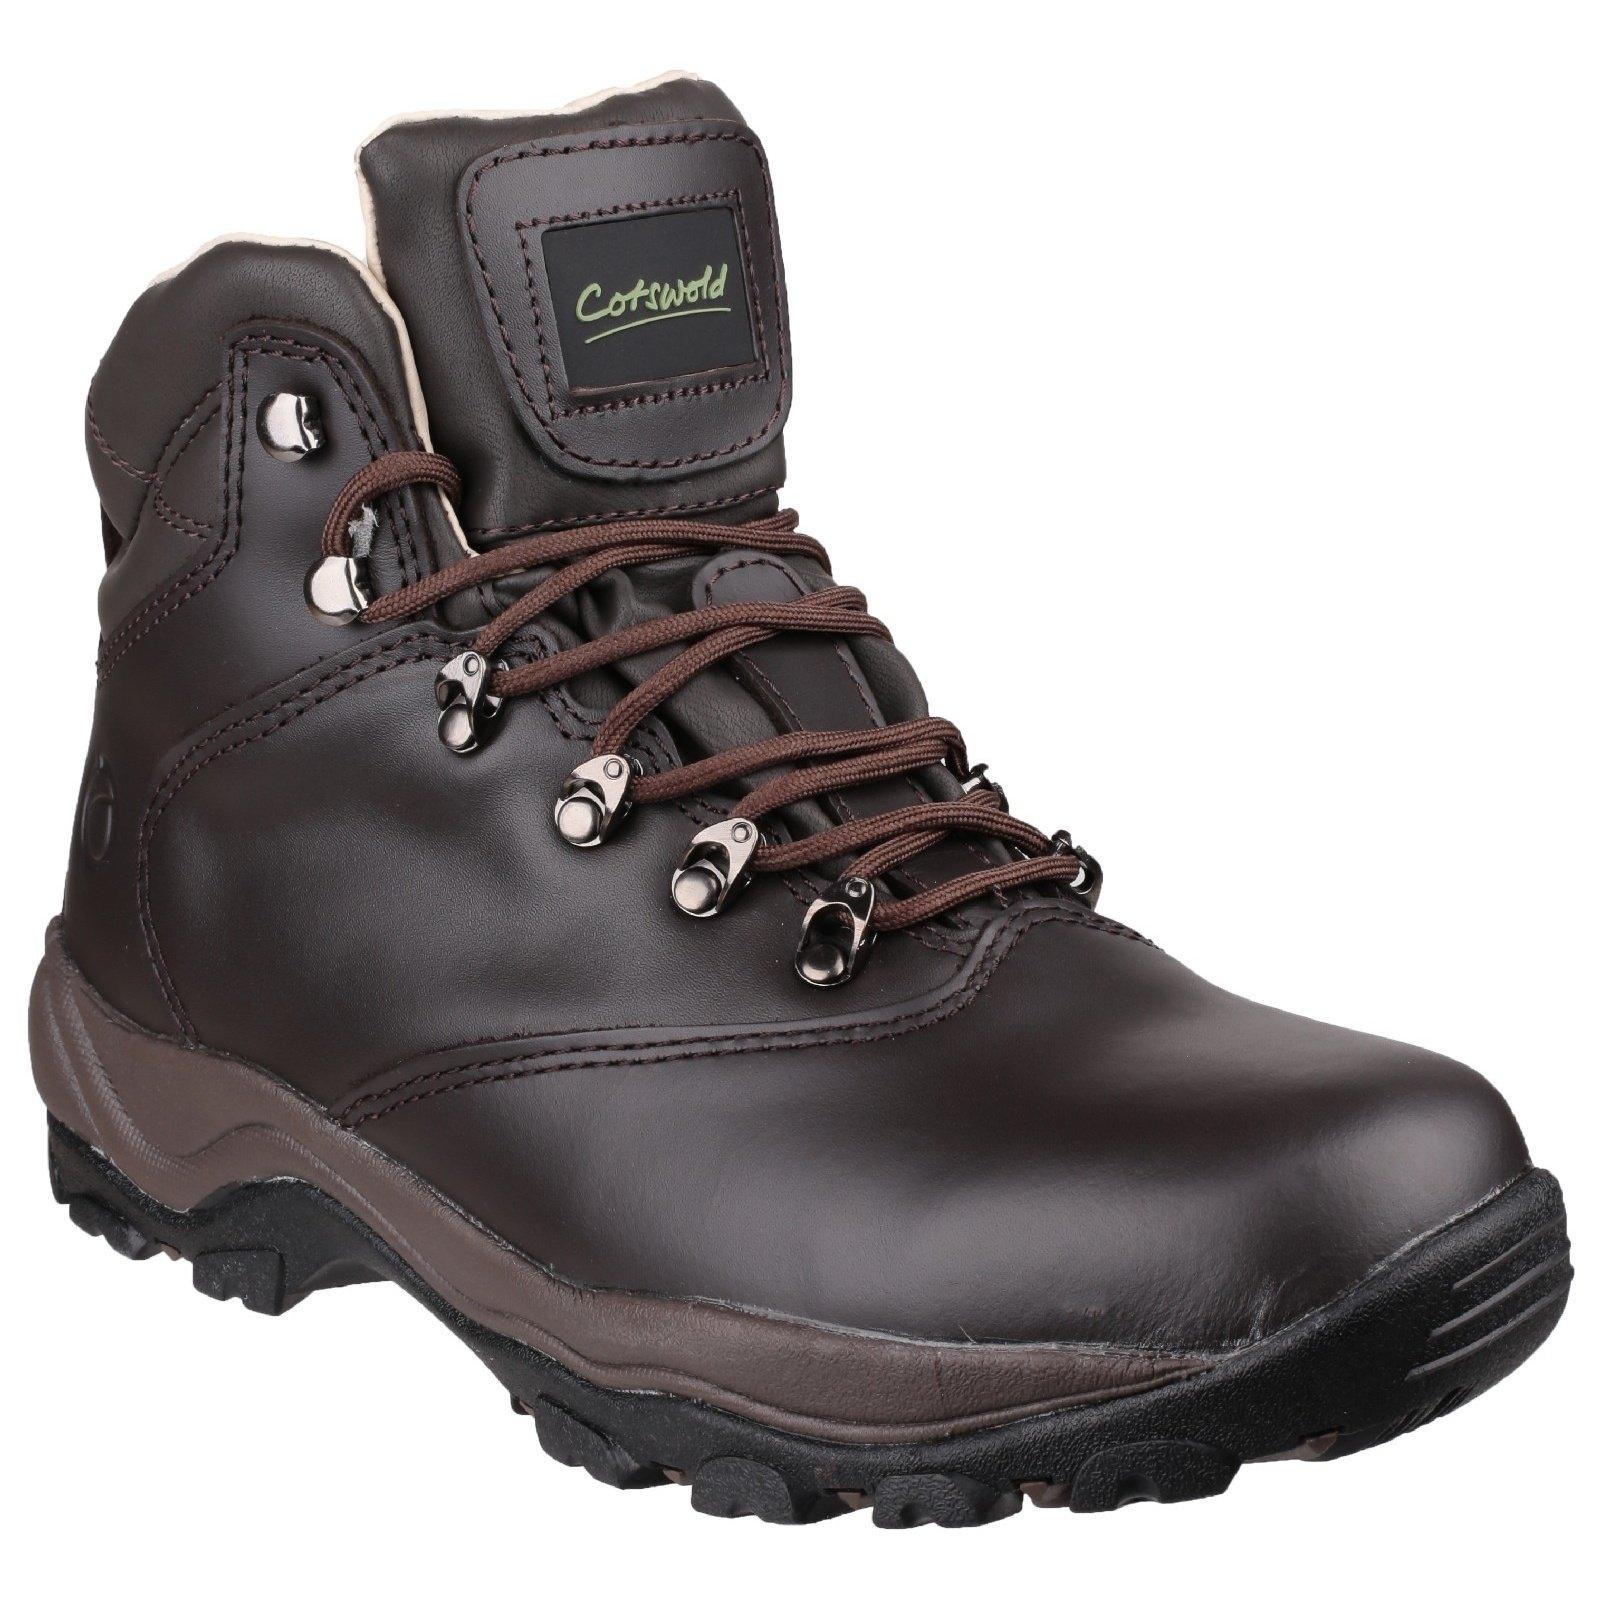 Cotswold wandelschoenen nu online kopen bij OTTO